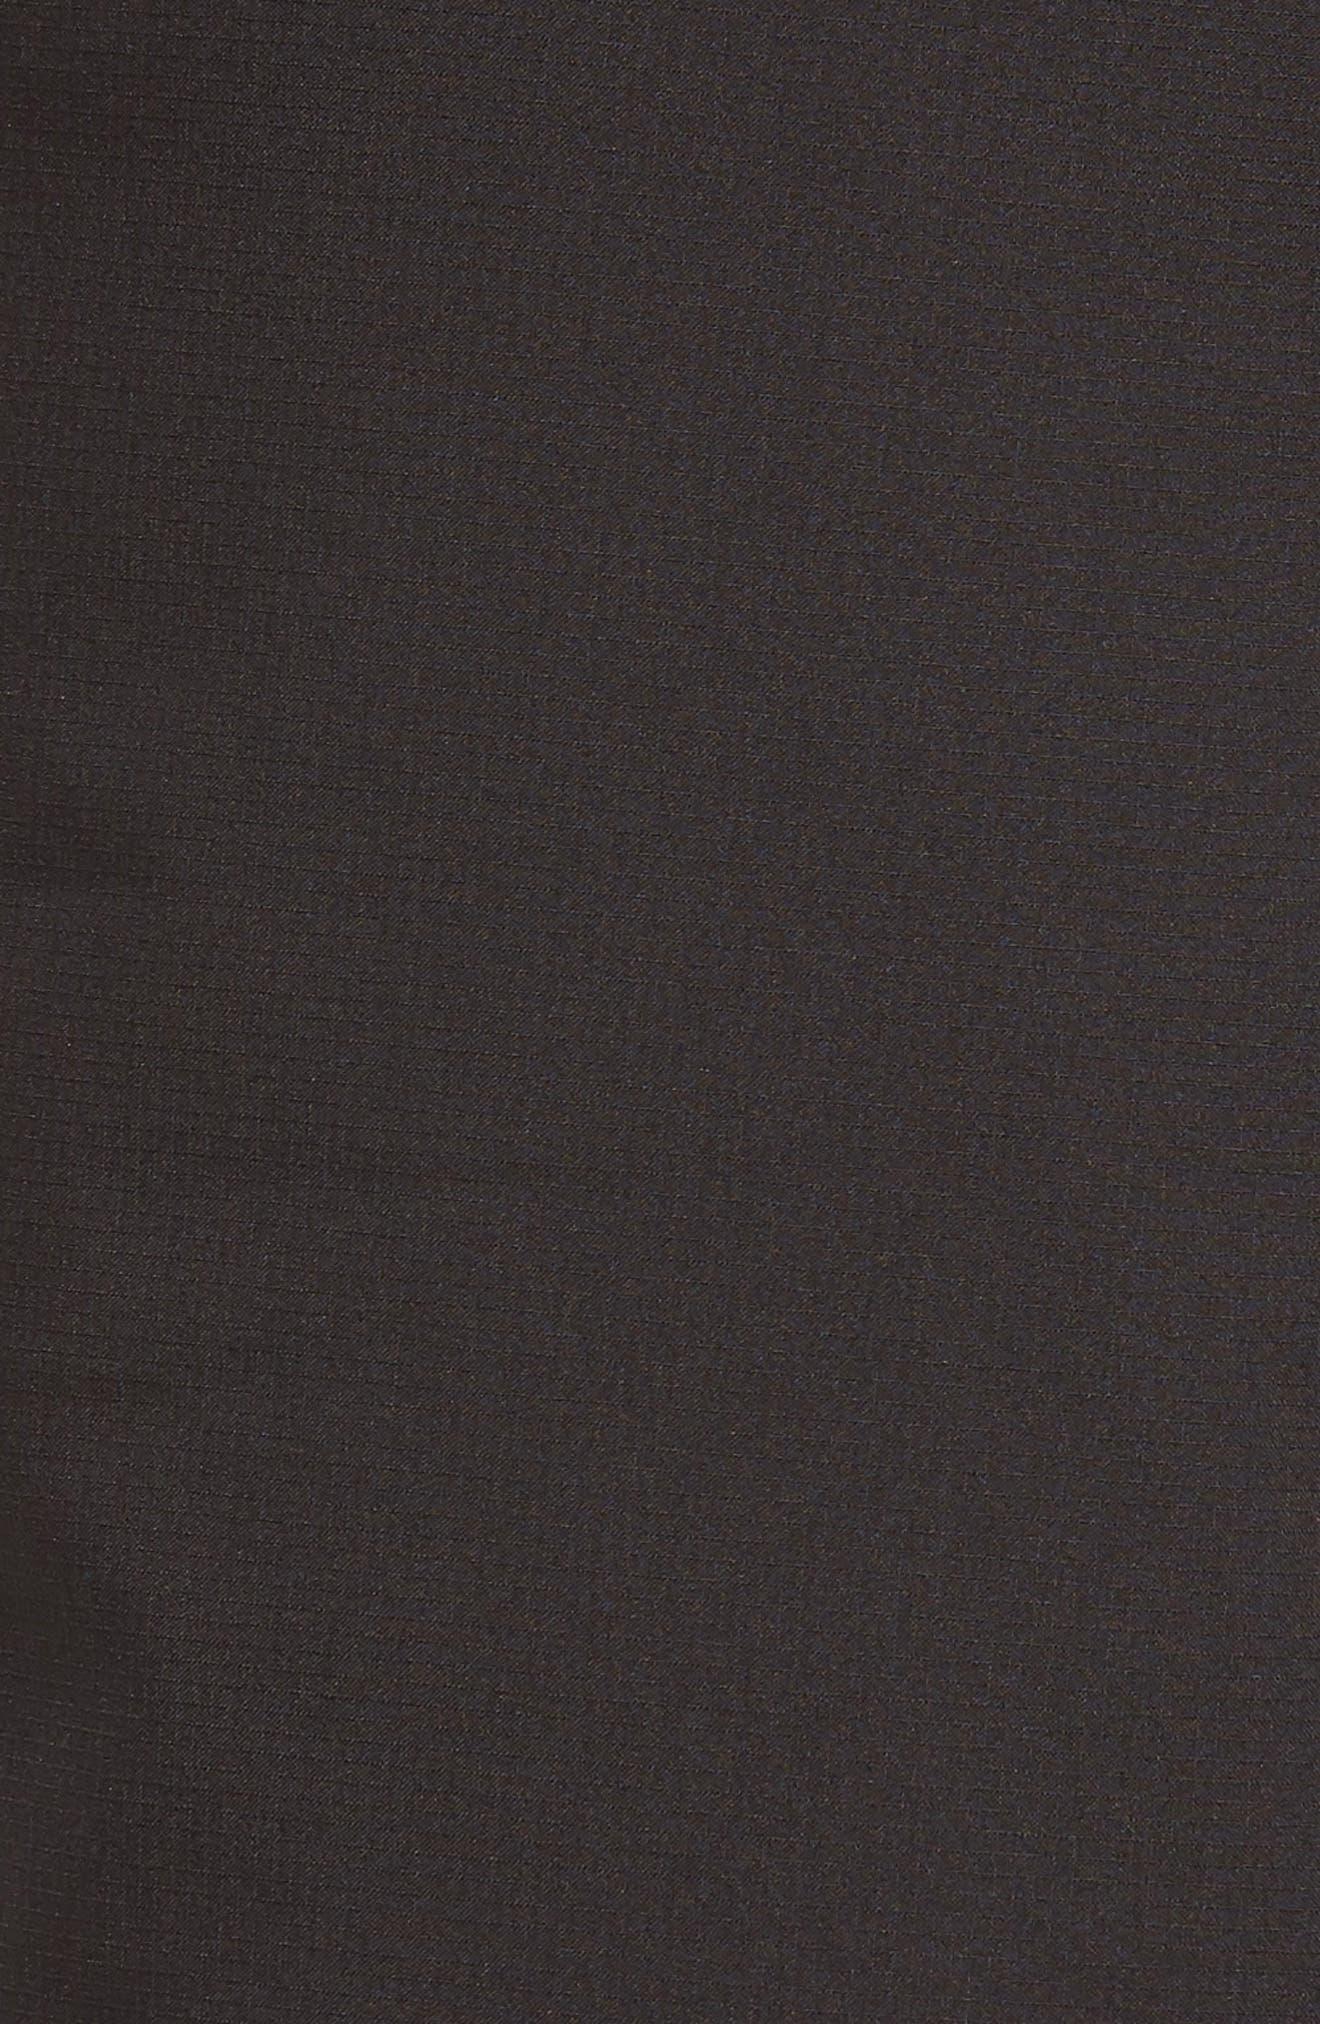 Terrebonne Shorts,                             Alternate thumbnail 5, color,                             001